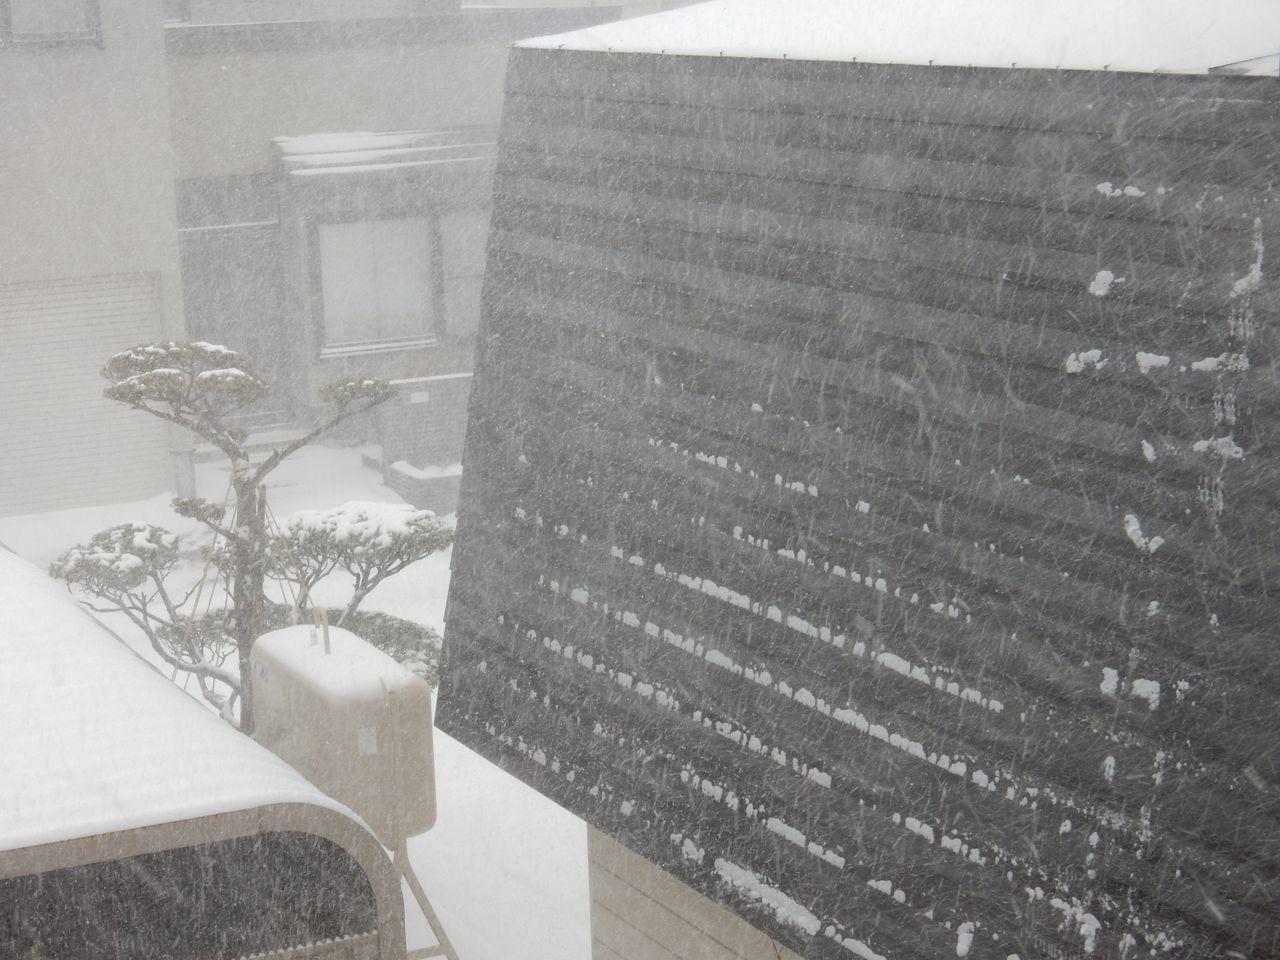 真冬日に猛吹雪がやってきた_c0025115_21412180.jpg